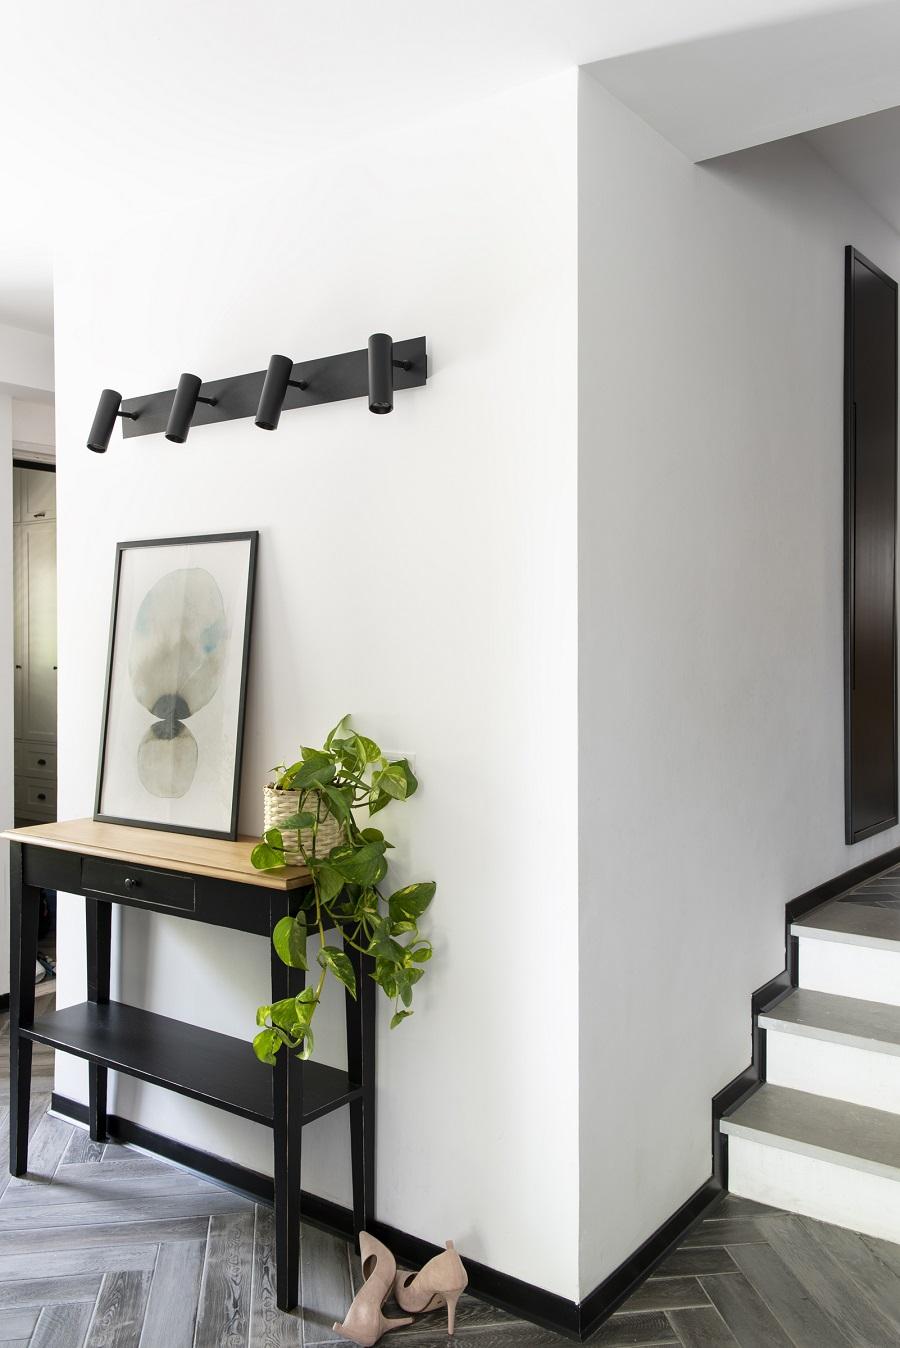 עיצוב: אחד לאחד | צילום: אורית אלפסי